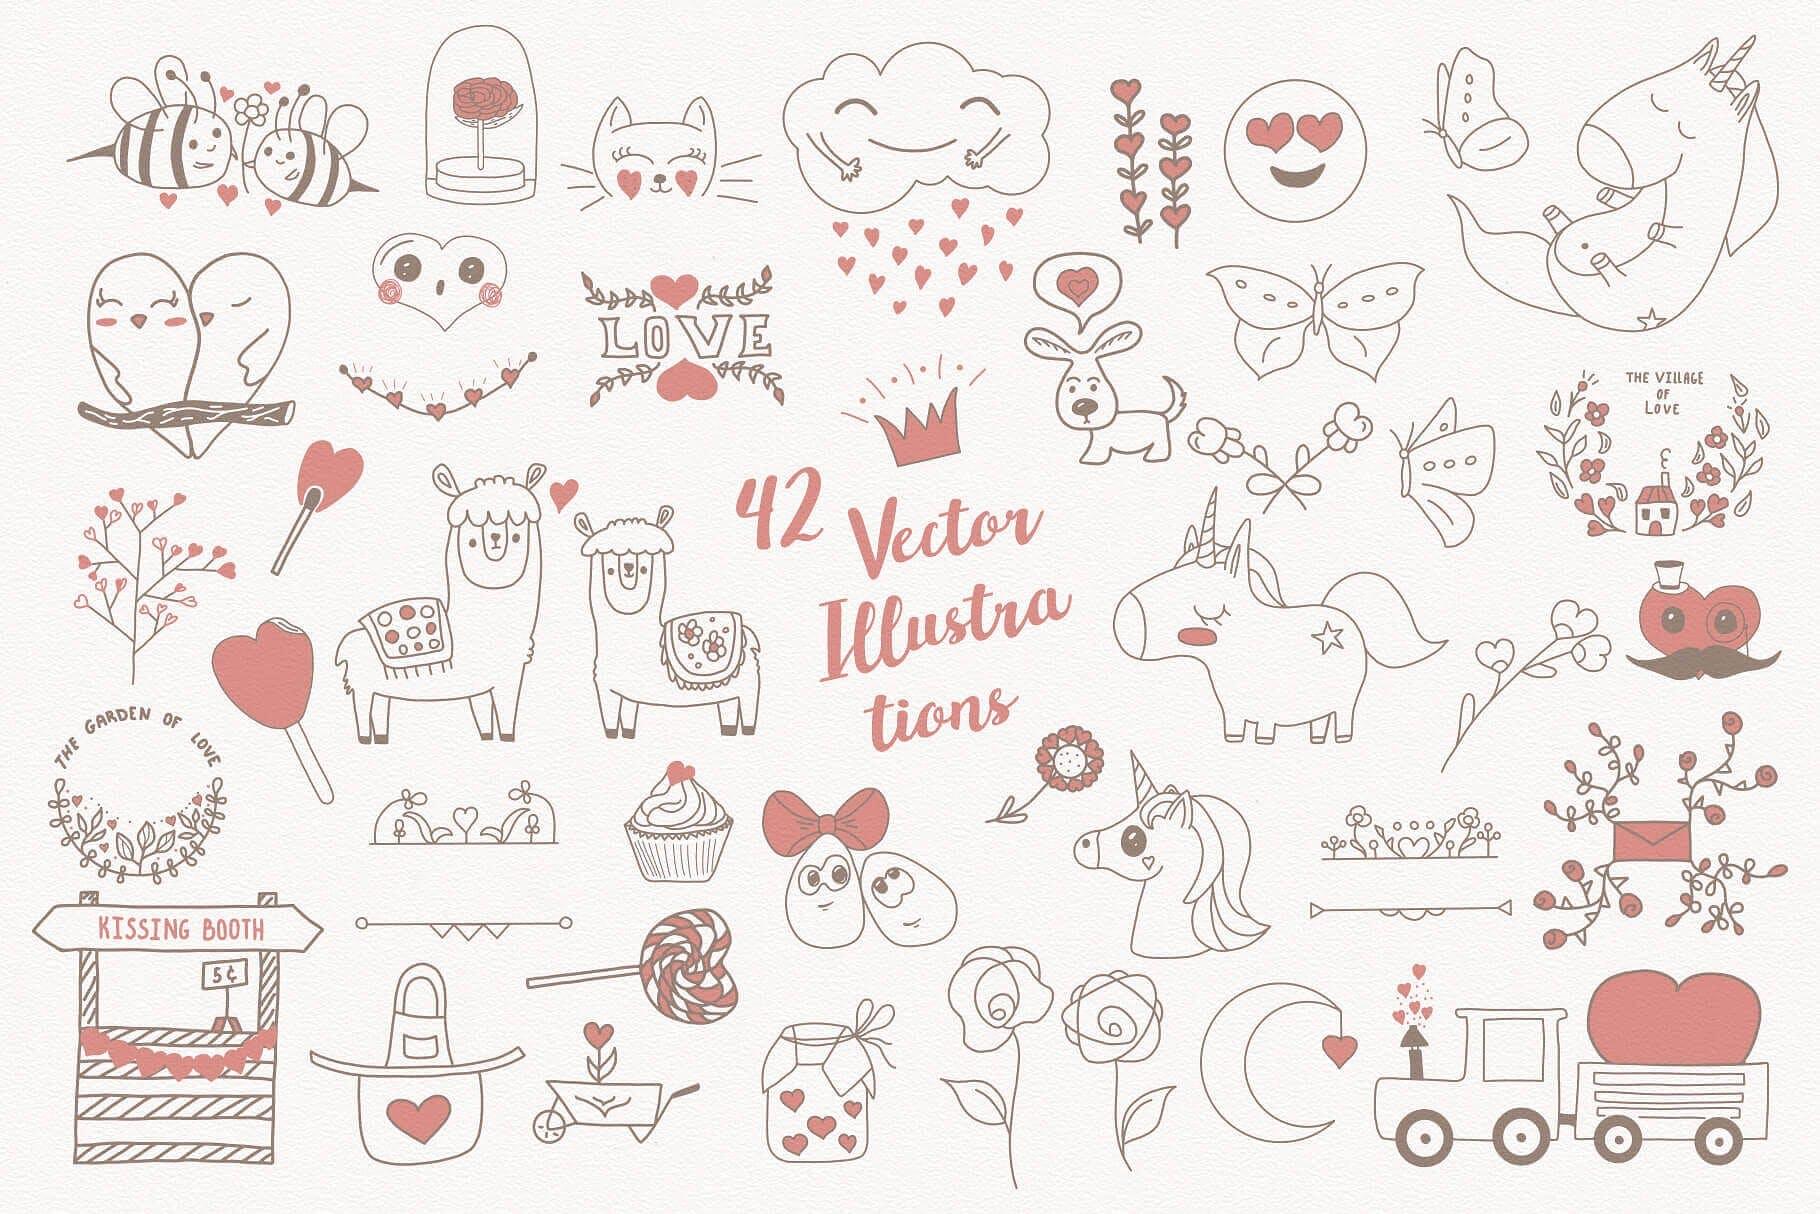 喜悦和甜蜜主题元素图形类别素材合集Mom I'm in Love Vector Set插图(1)